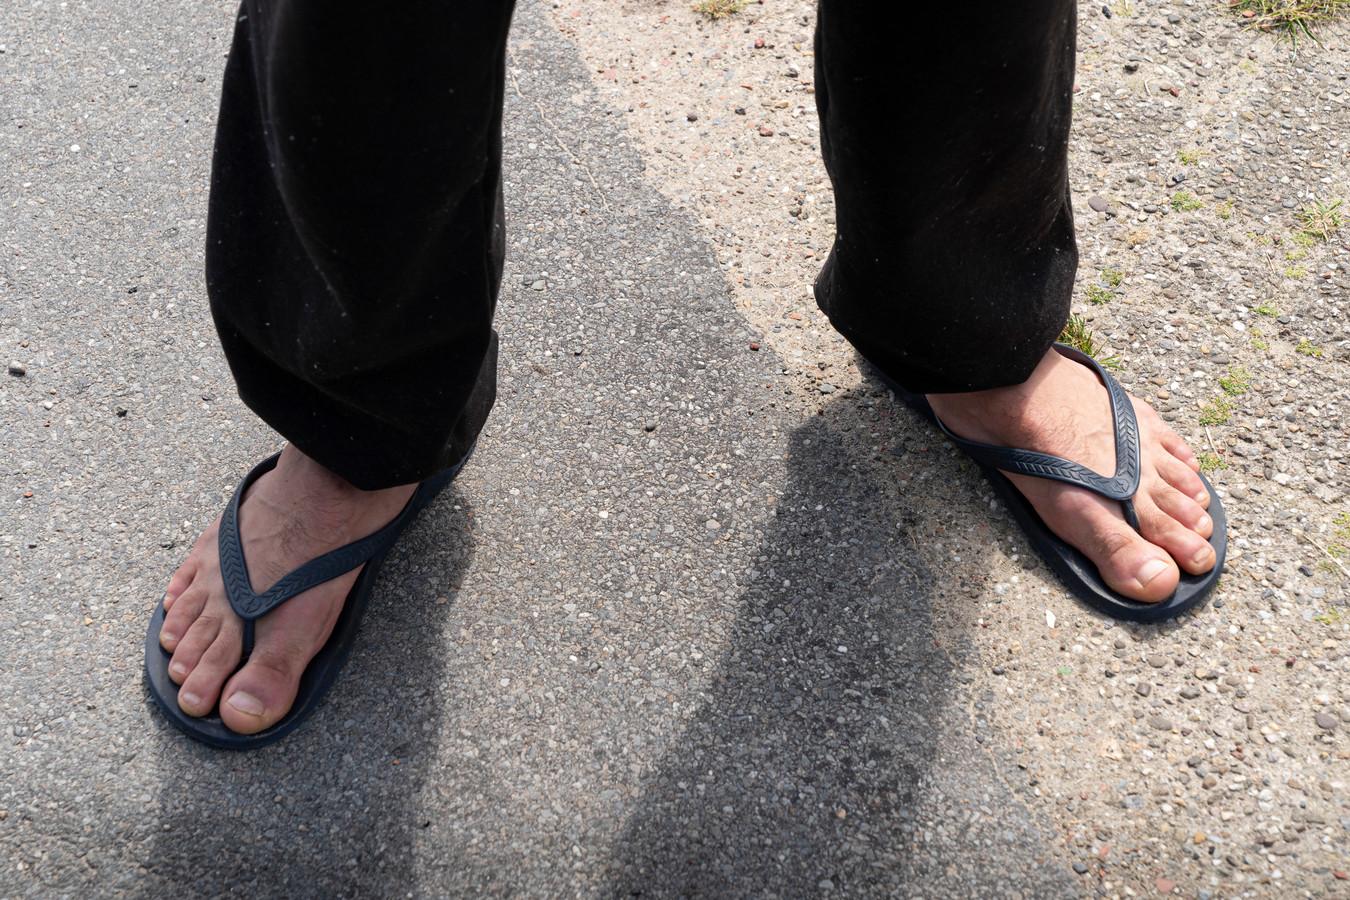 Op zijn slippers loopt Alexandru Balint in de richting van natuurgebied de Kampina in Boxtel.